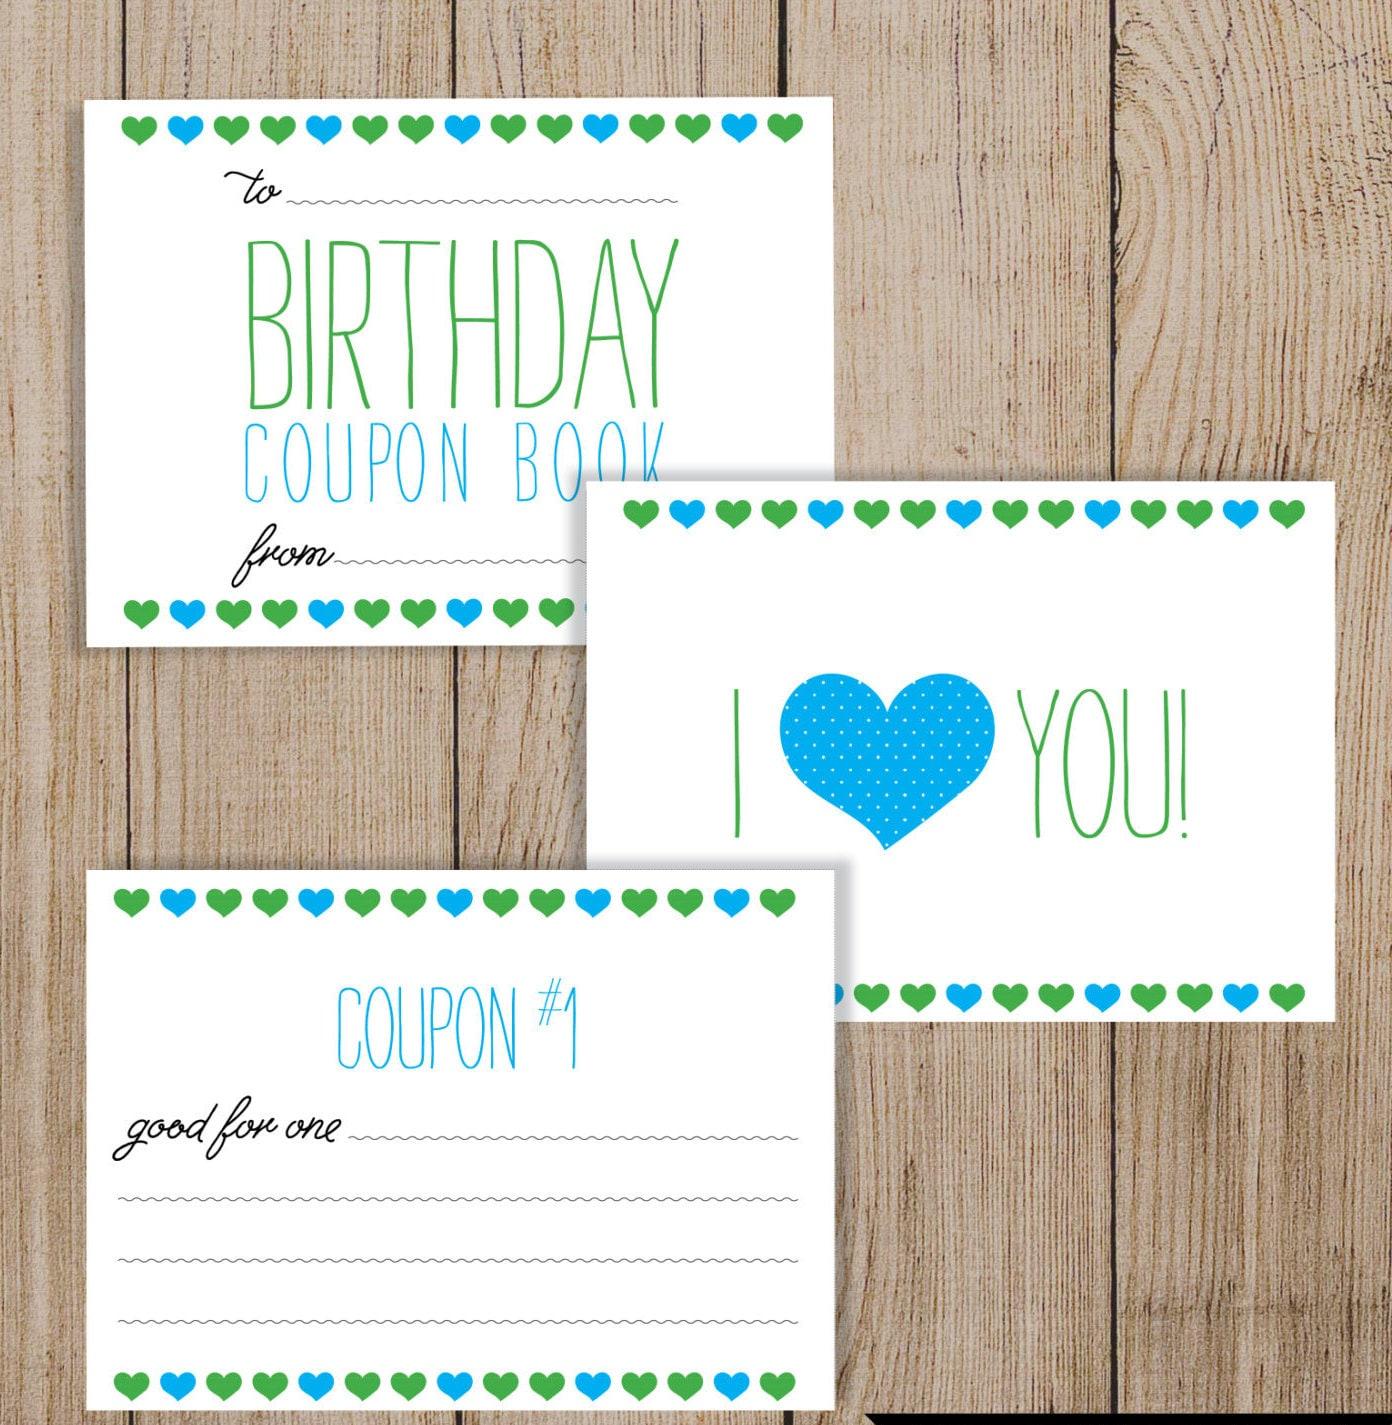 Printable Birthday Coupon Book. Editable PDF. DIY Birthday